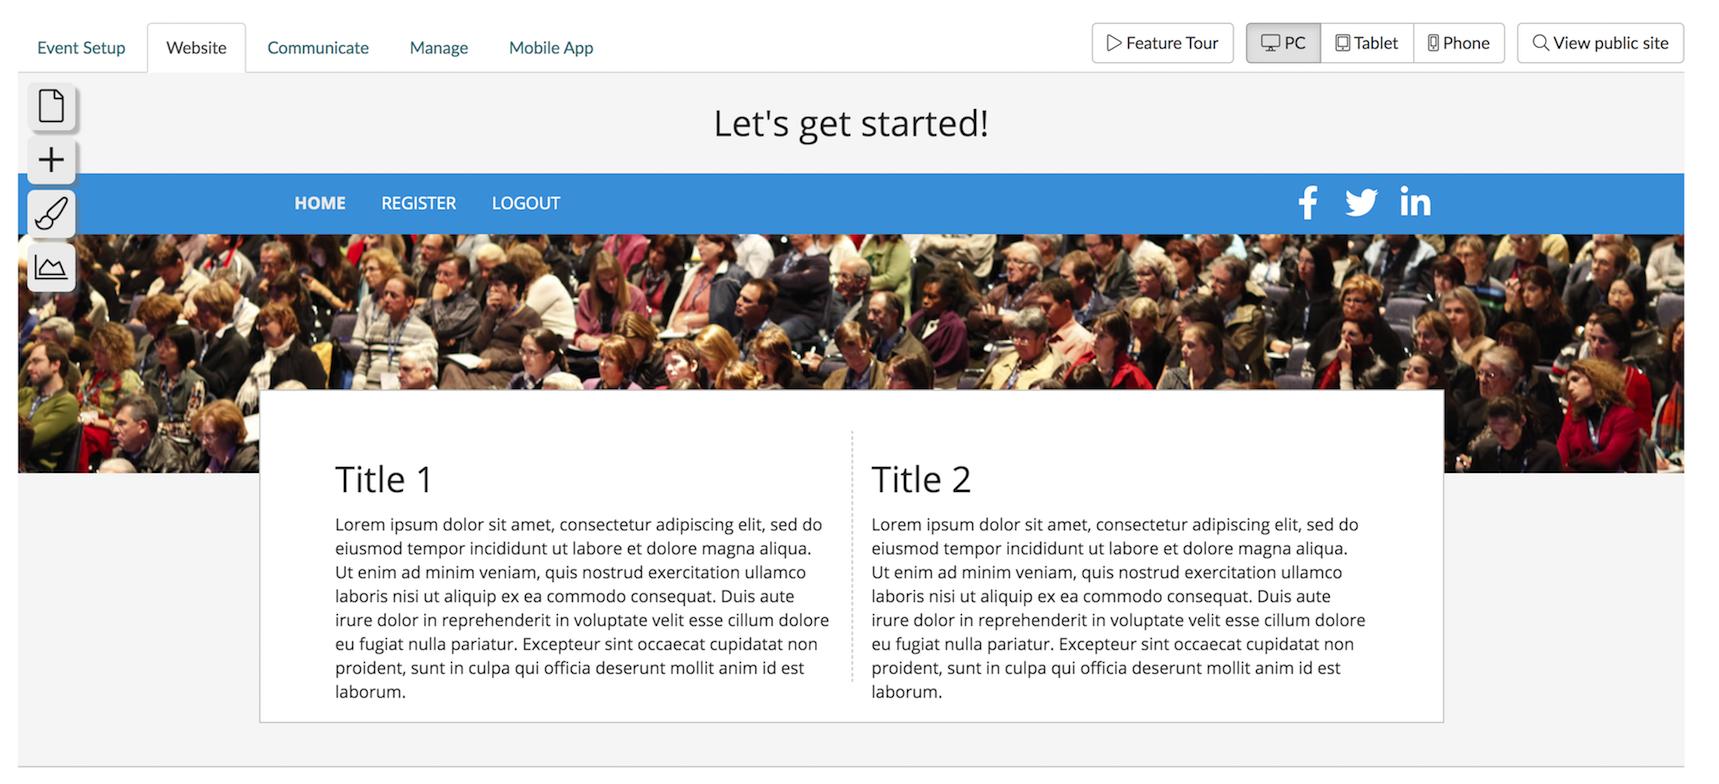 Swoogo Website Editor